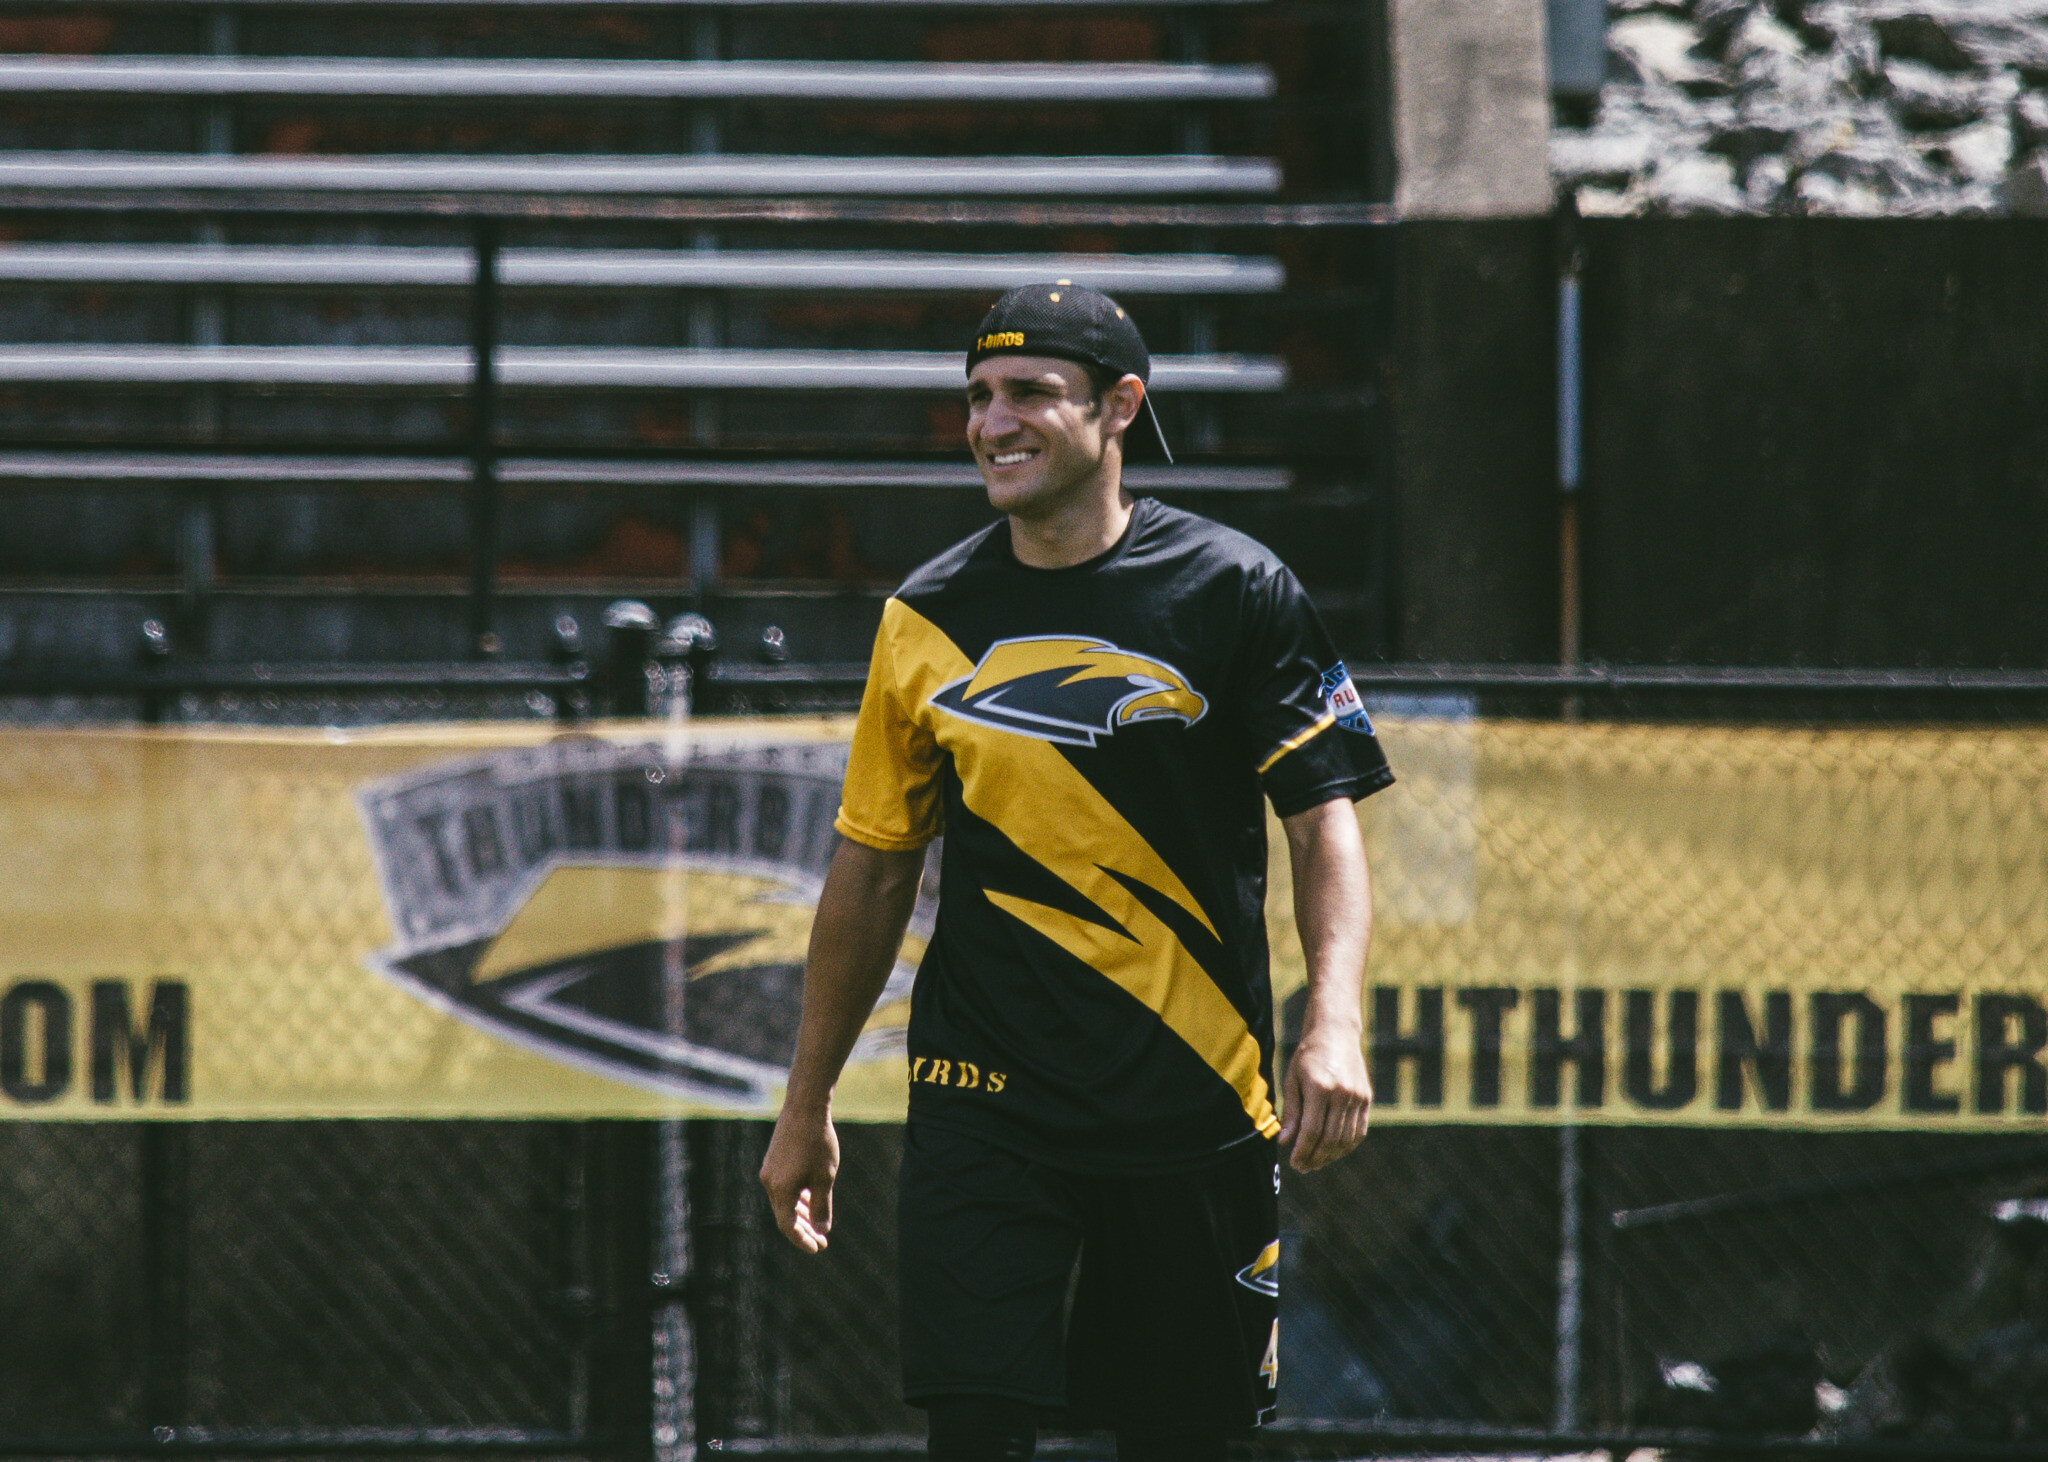 David Vatz looks toward the field at a Thunderbirds home game. Photo courtesy of Pittsburgh Thunderbirds.